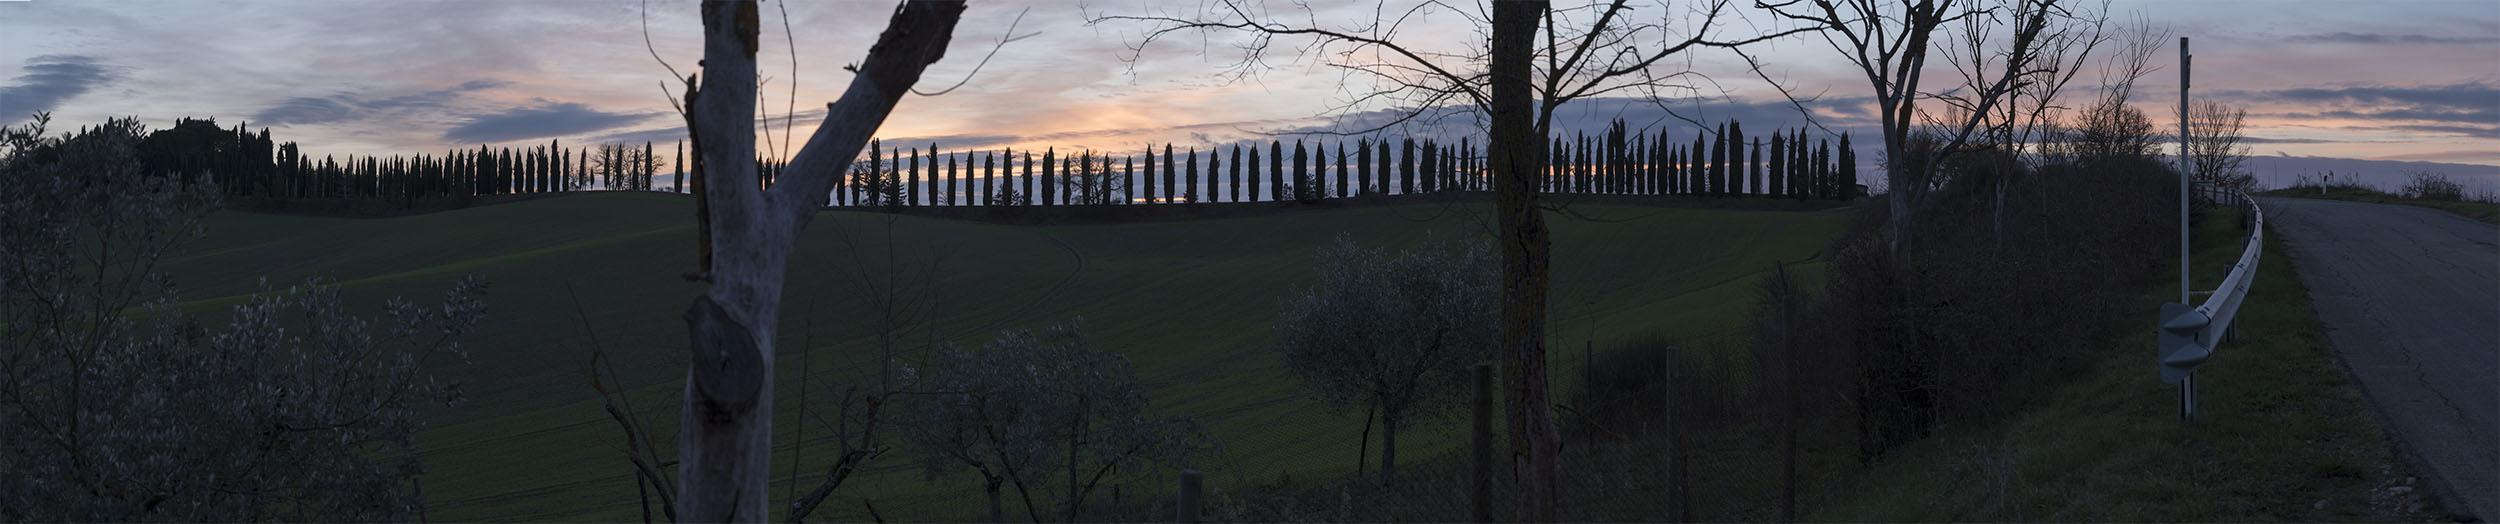 TwiLight, Siena,12-30-2014,6010-6017